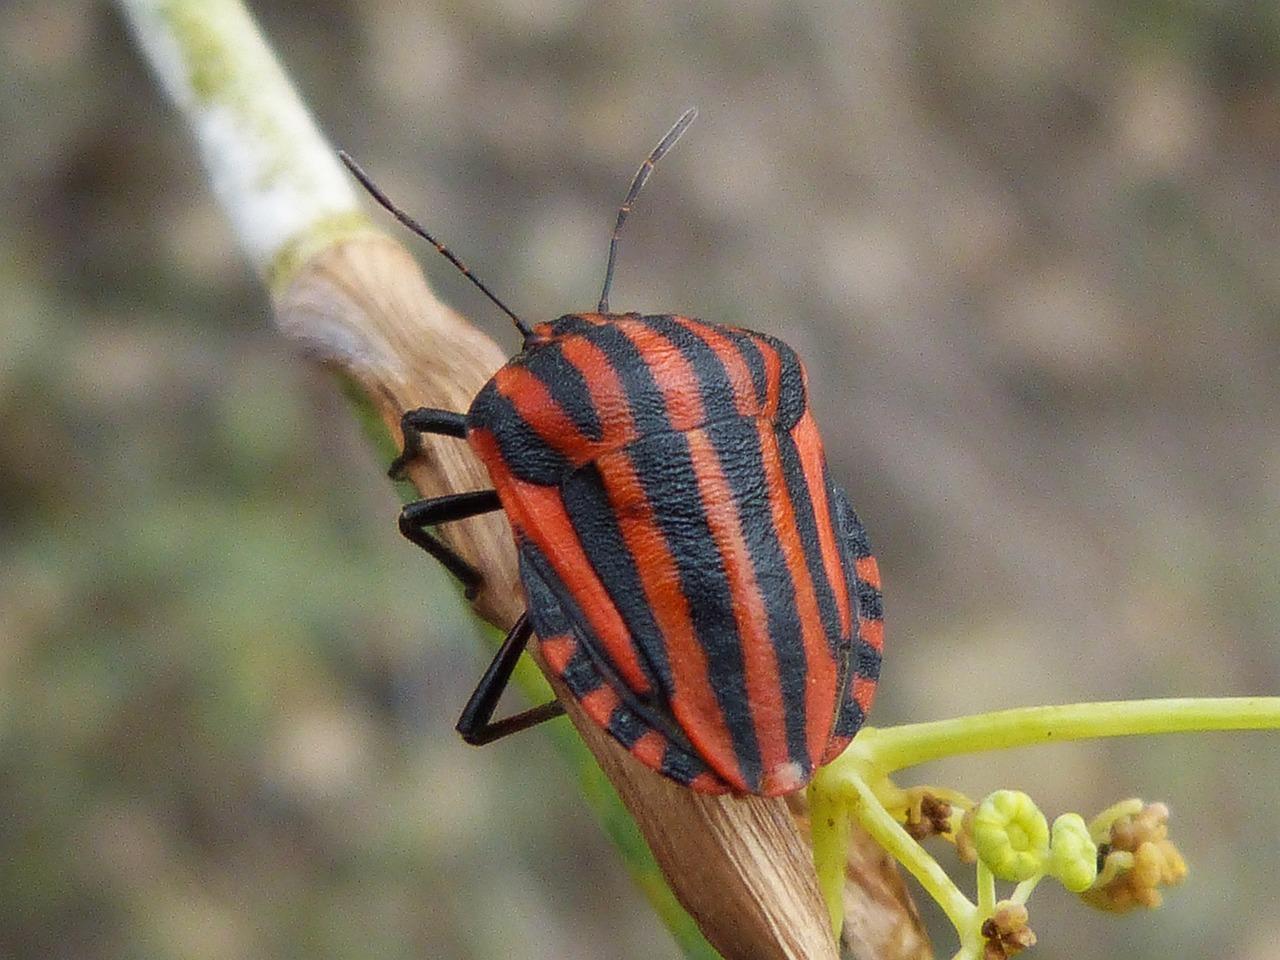 полосатый жук фото